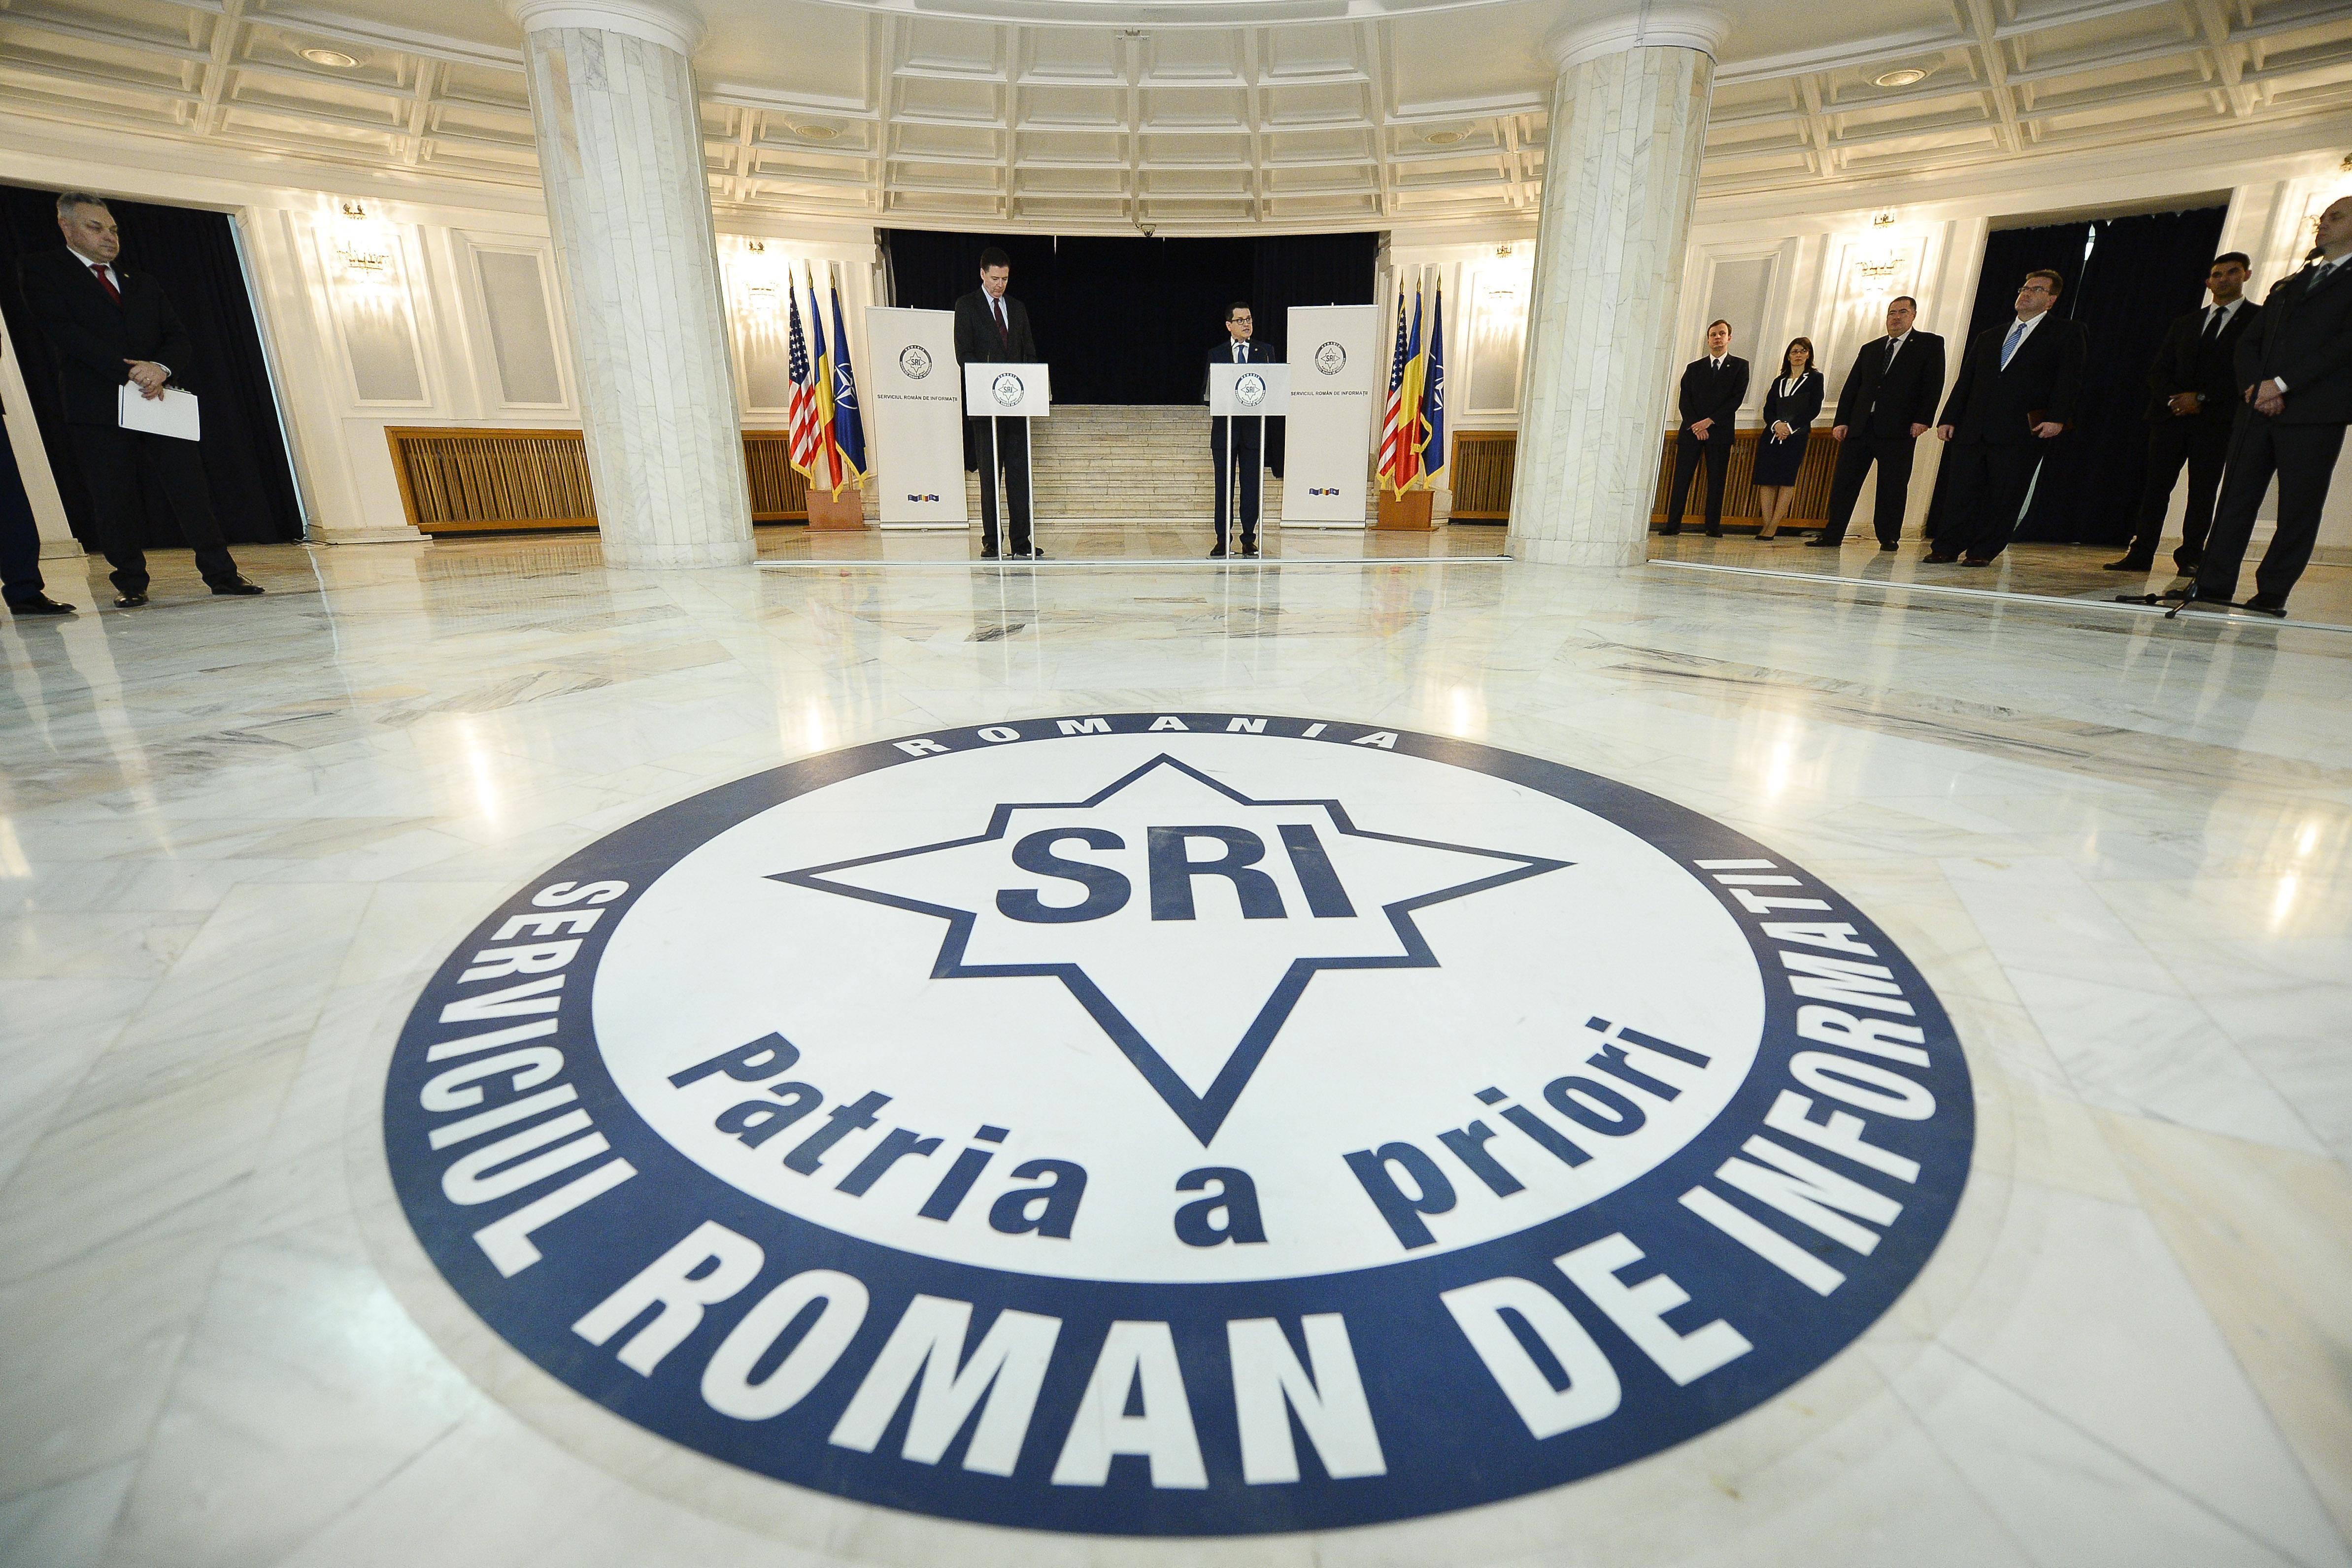 Conflict între Daniel Dragomir, fost locotenent-colonel SRI, şi deputatul Cezar Preda: Încalcă regulamentele comisiei SRI. Se impune sesizarea Parchetului şi chiar arestarea preventivă